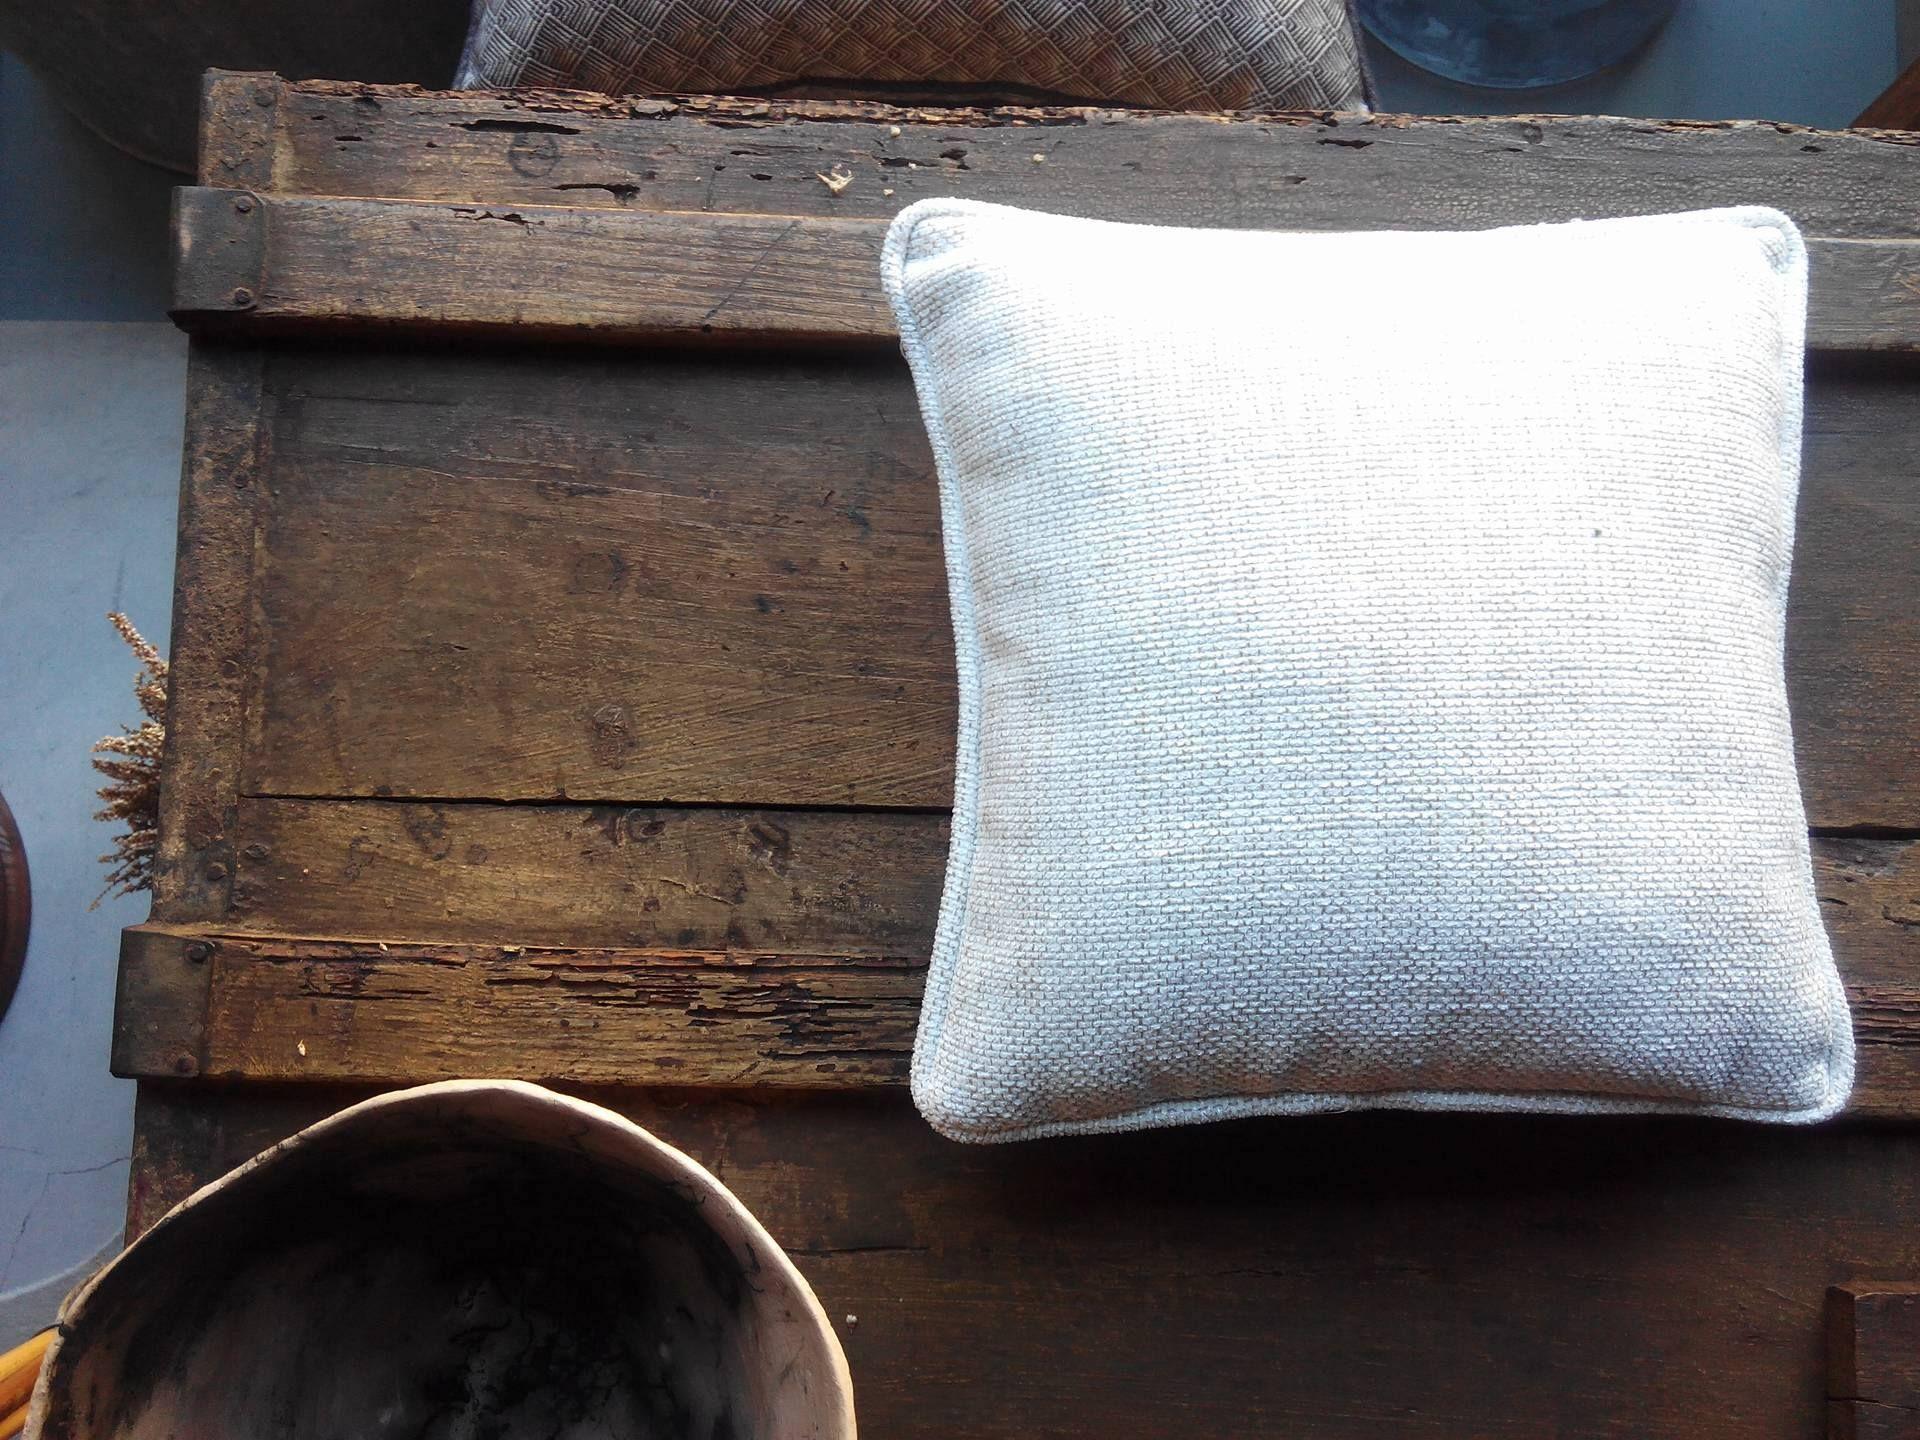 Almofadas, sofás e cortinas. Madeiras, móveis e cerâmicas. #mercadoloftstore #almofada #almofadasdecor #pillow #pillows #simple #arca #bau #madeira #wood #umseisum #cerâmica #oficinabramica #ceramics #ceramic #technic #beauty #contraste #home #house #sala #casa #interior #store #decor #porto #padrão #plants #umseisum #natural #materials